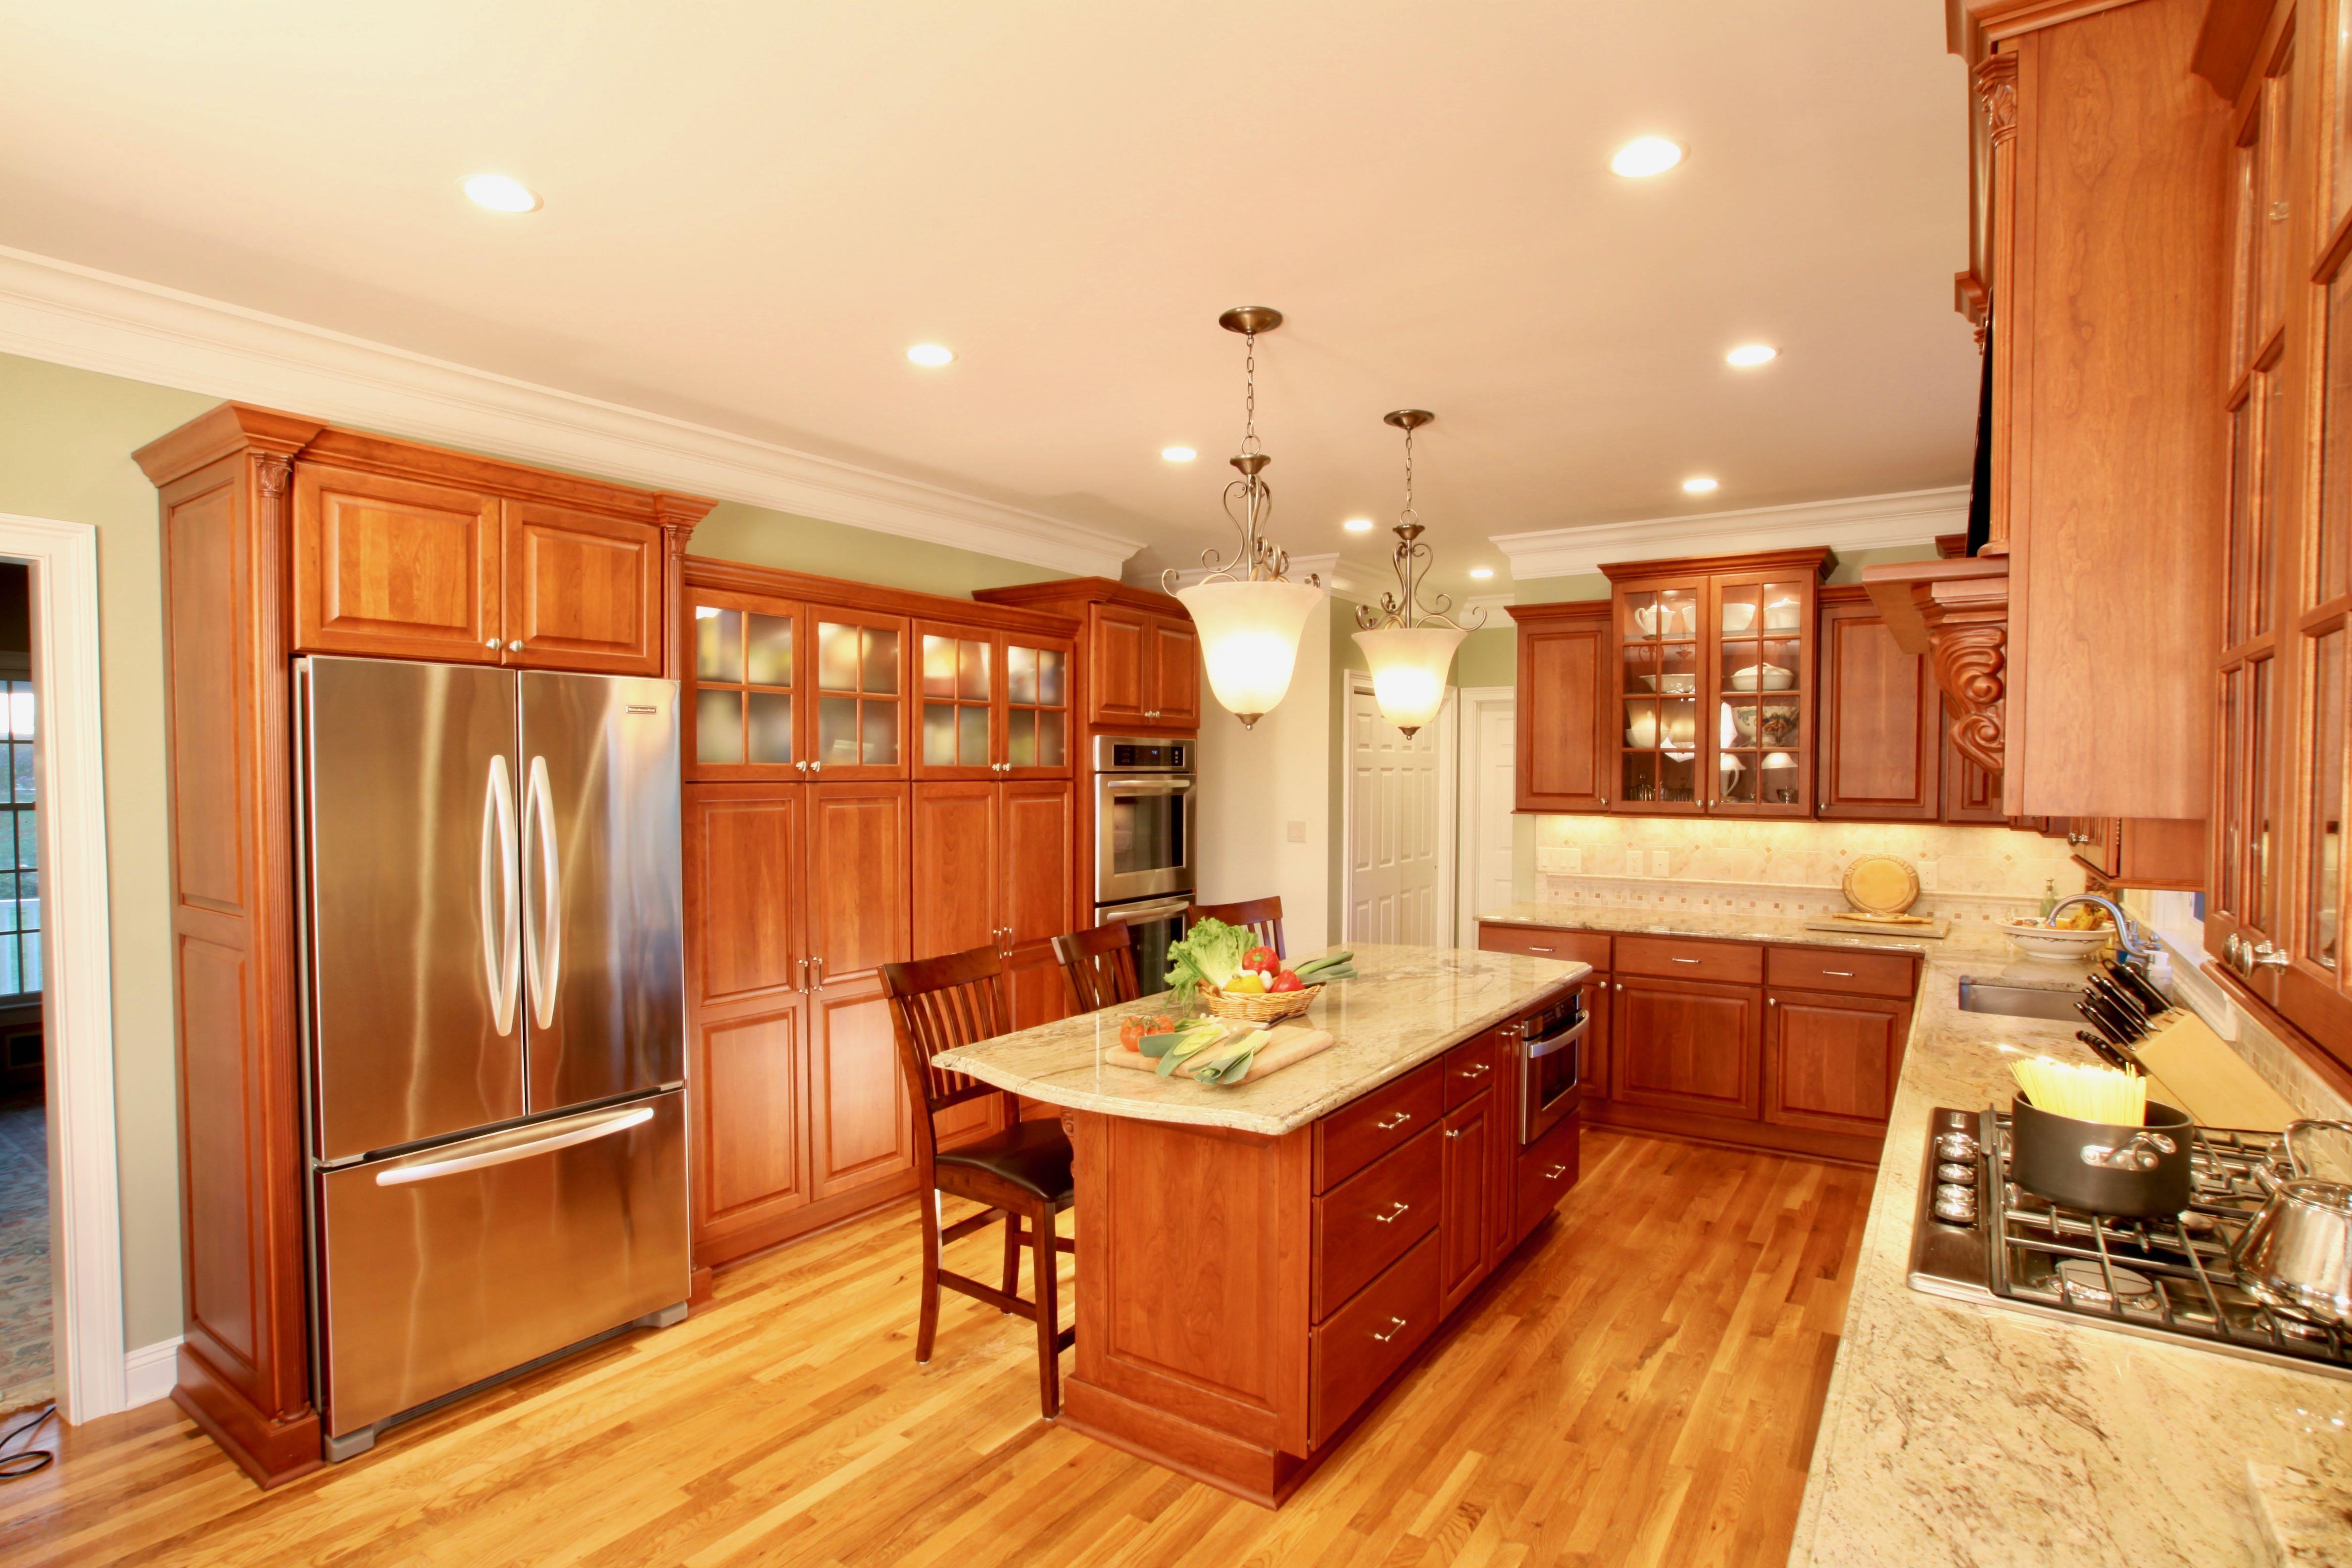 Traditional Cherry Kitchen | Bryhn Design/Build ...